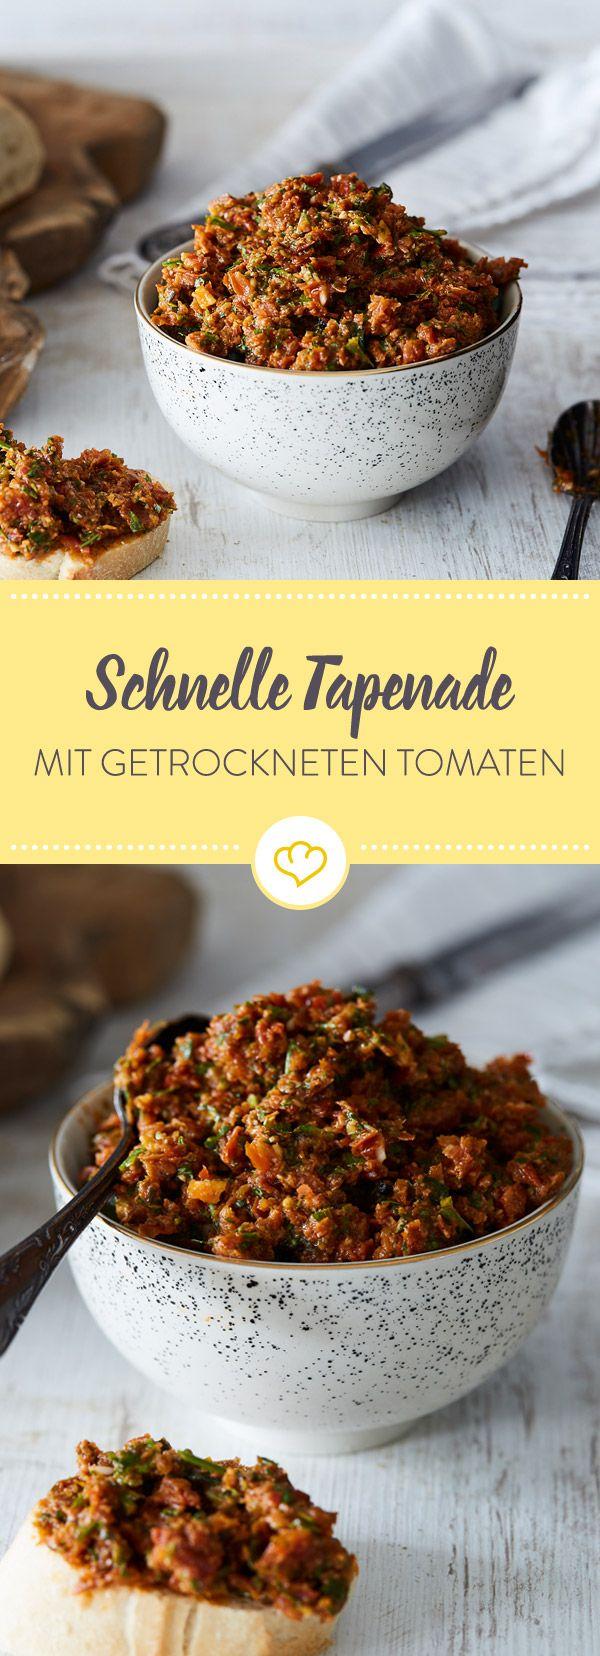 Diese Tapenade wird mit getrockneten Tomaten, Parmesan und Knoblauch vom französischen Klassiker zum italienischen